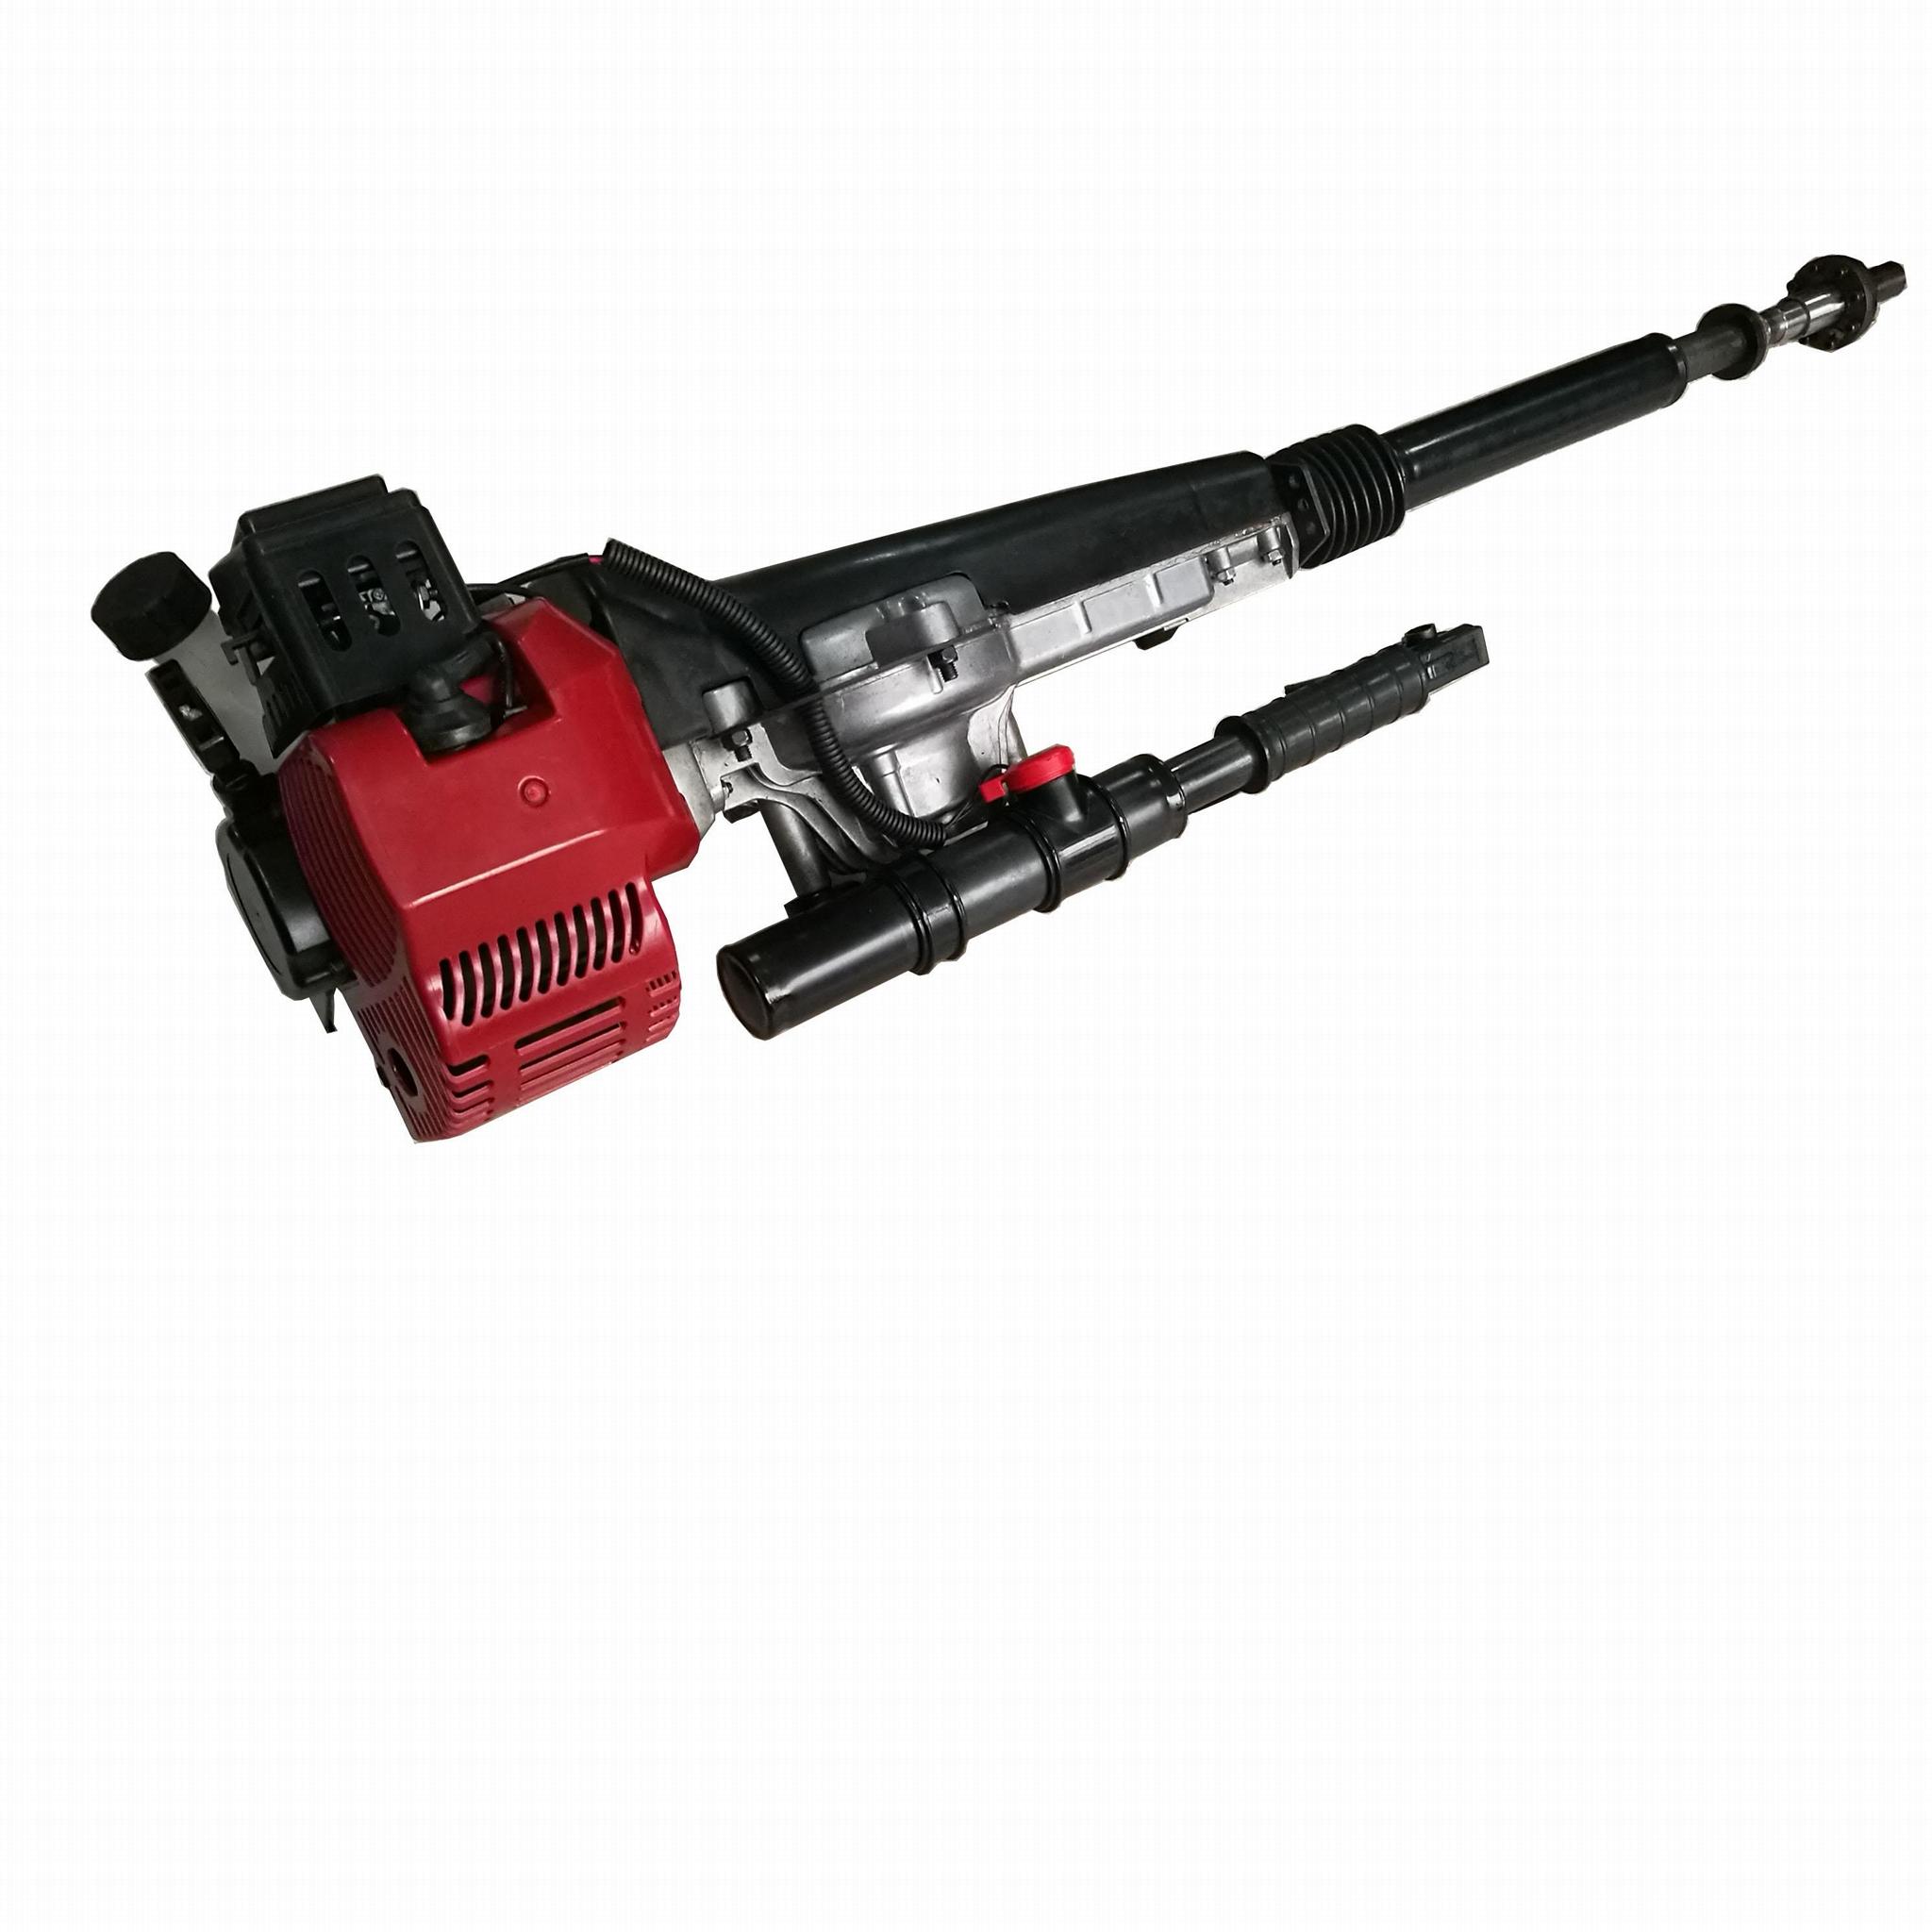 Small harvester Gasoline engine Oliver shaker 7